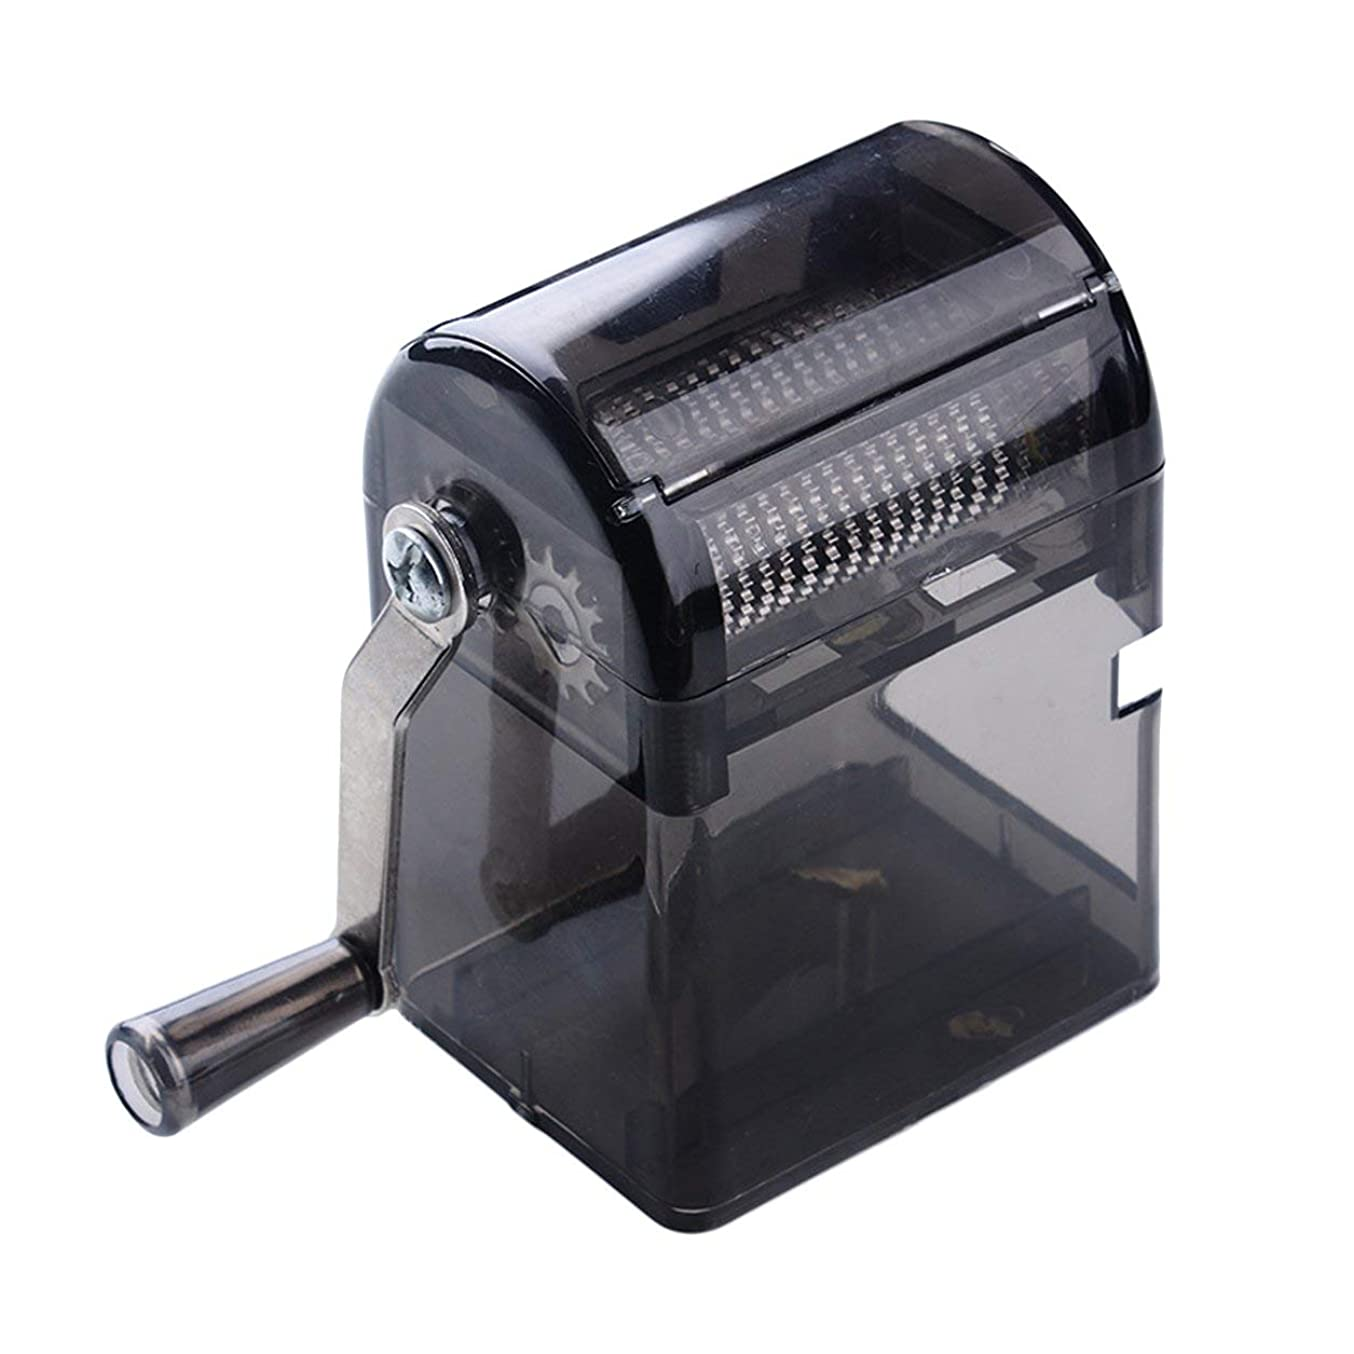 カビあからさま降下Saikogoods シンプルなデザイン手回しタバコグラインダー耐久性のある利用タバコハーブスパイスクラッシャーマニュアルミュラータバコ用品 黒